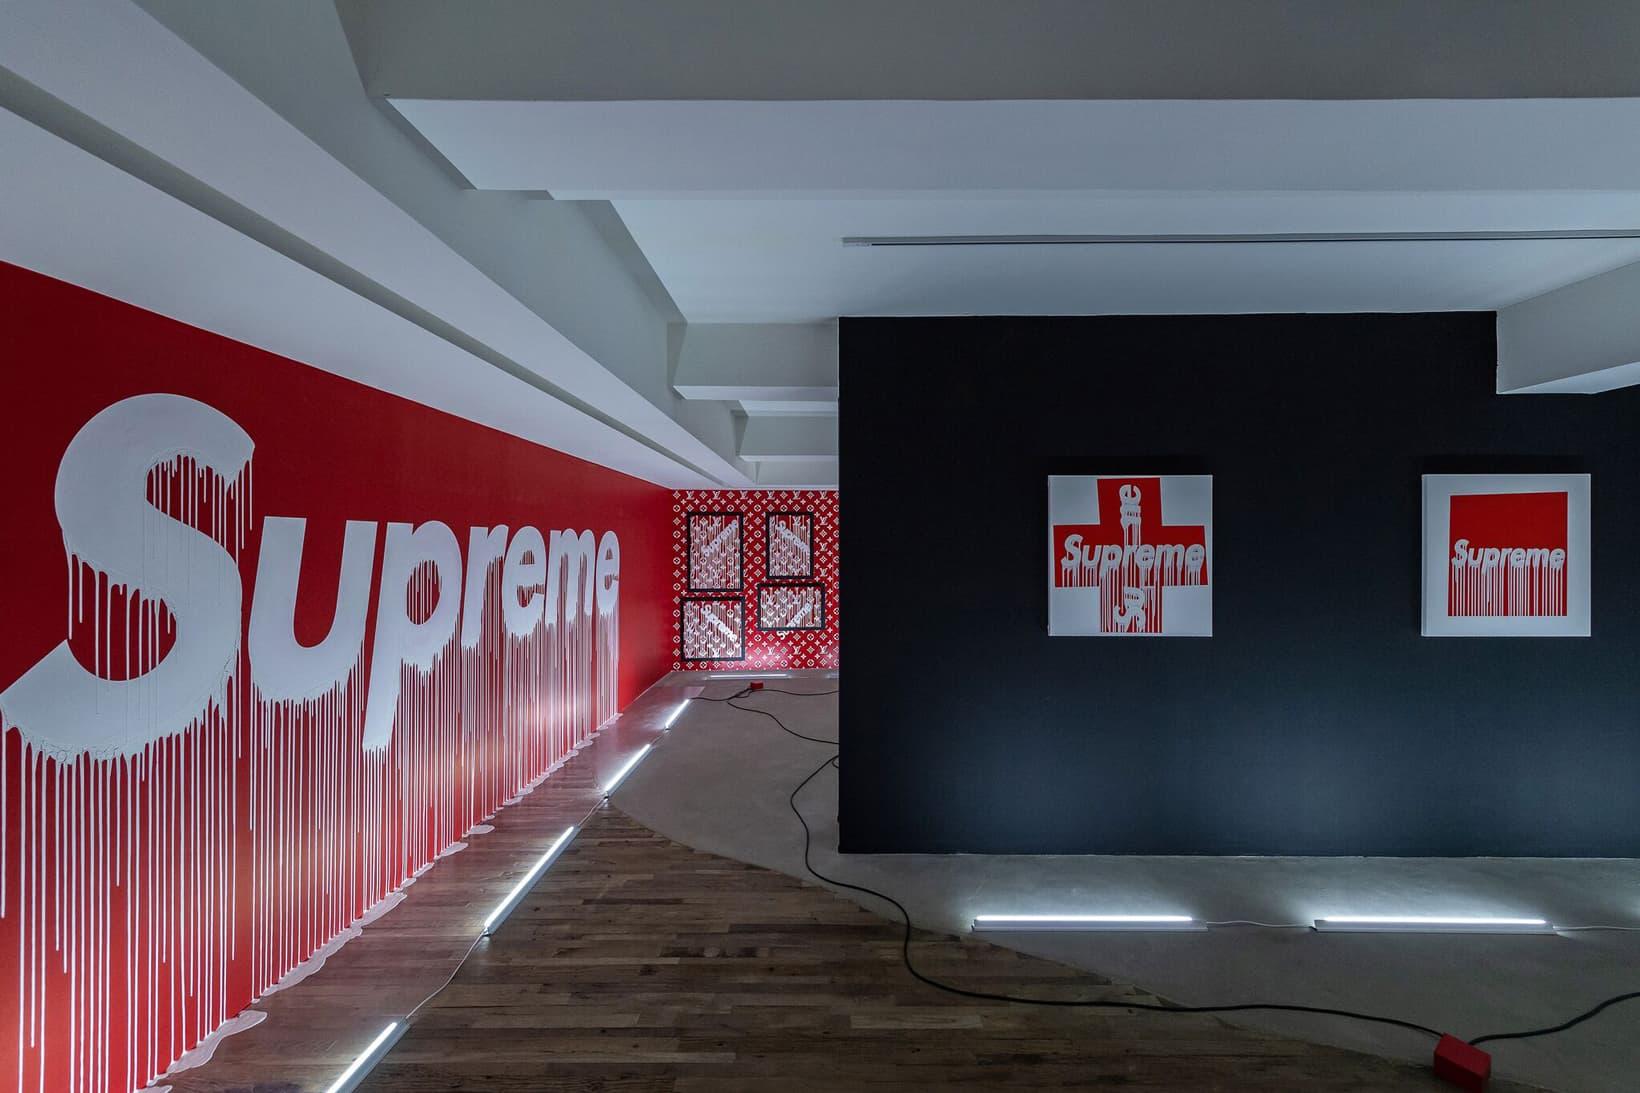 謎に満ちた芸術家 Zevs が Supreme と Louis Vuitton を題材にした個展を開催